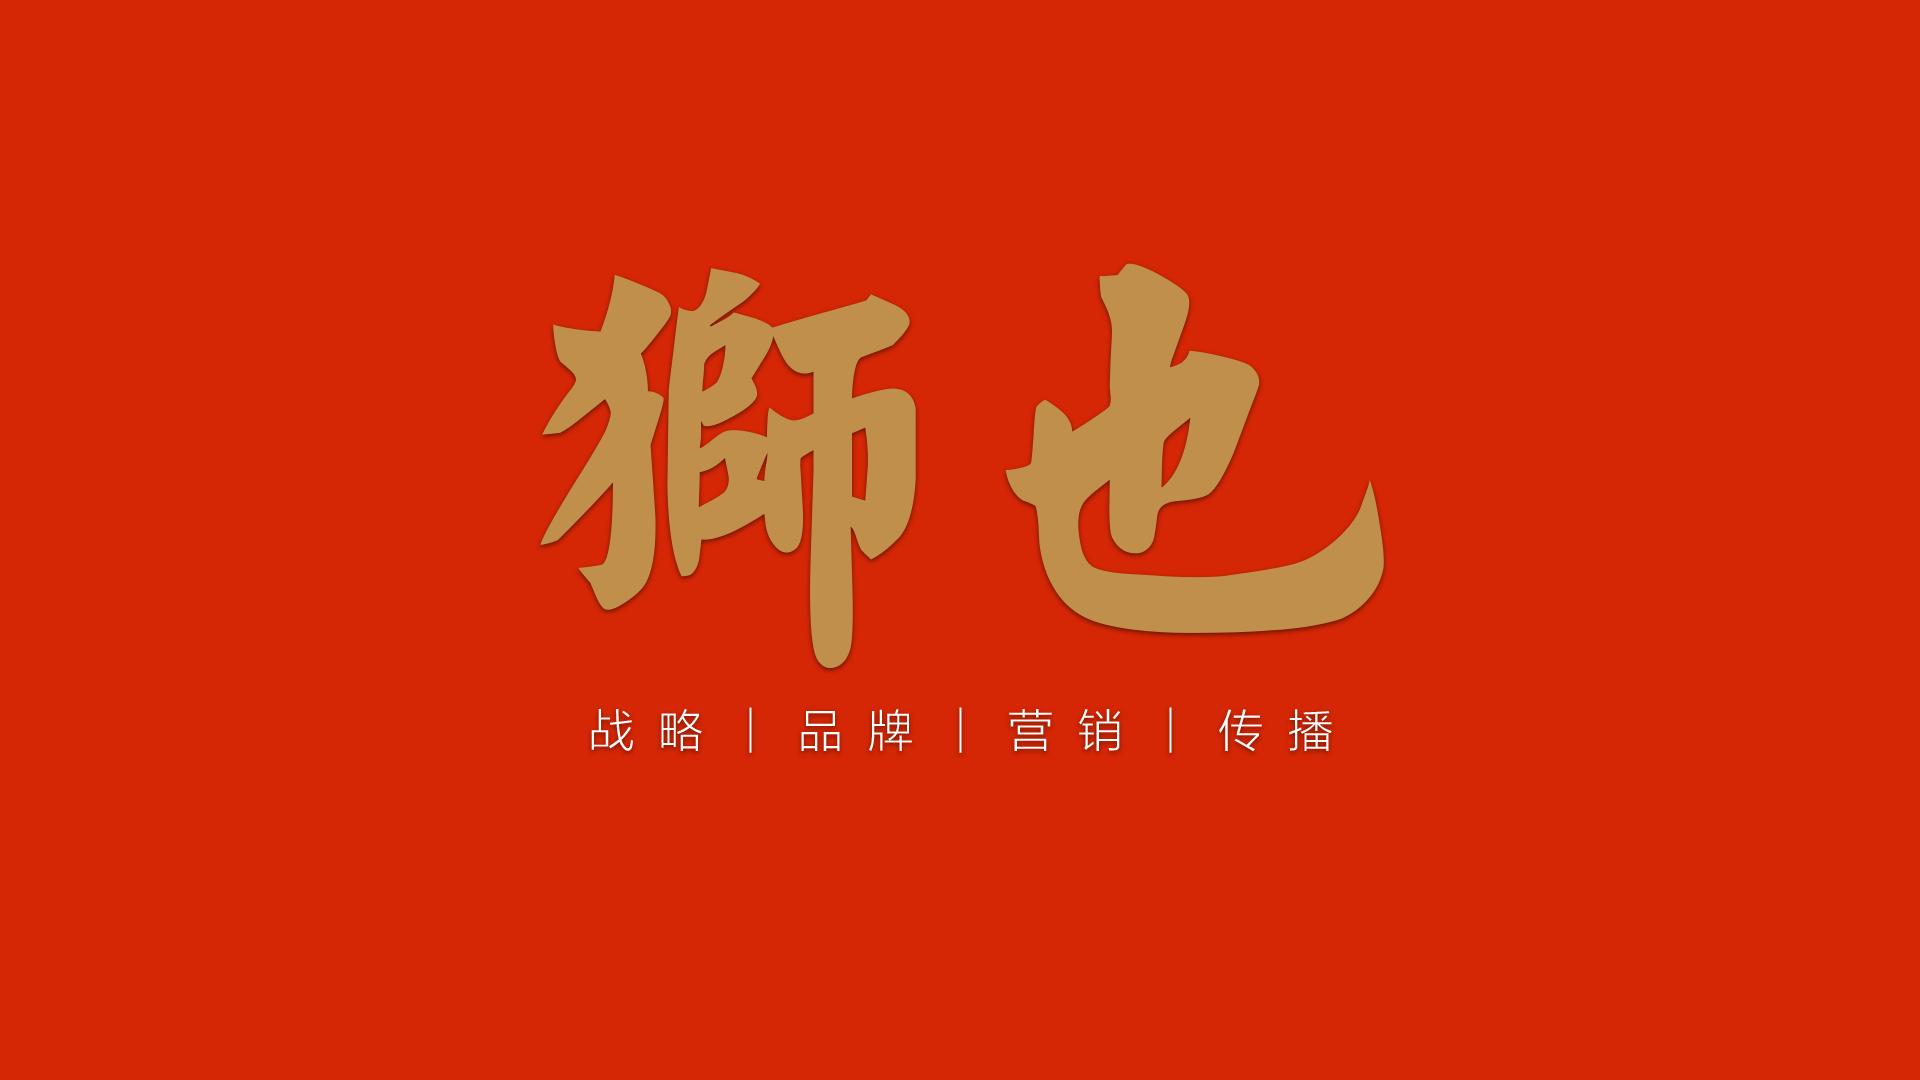 营销学专业术语与名词解释500例—山东济南狮也战略品牌营销策划咨询顾问公司